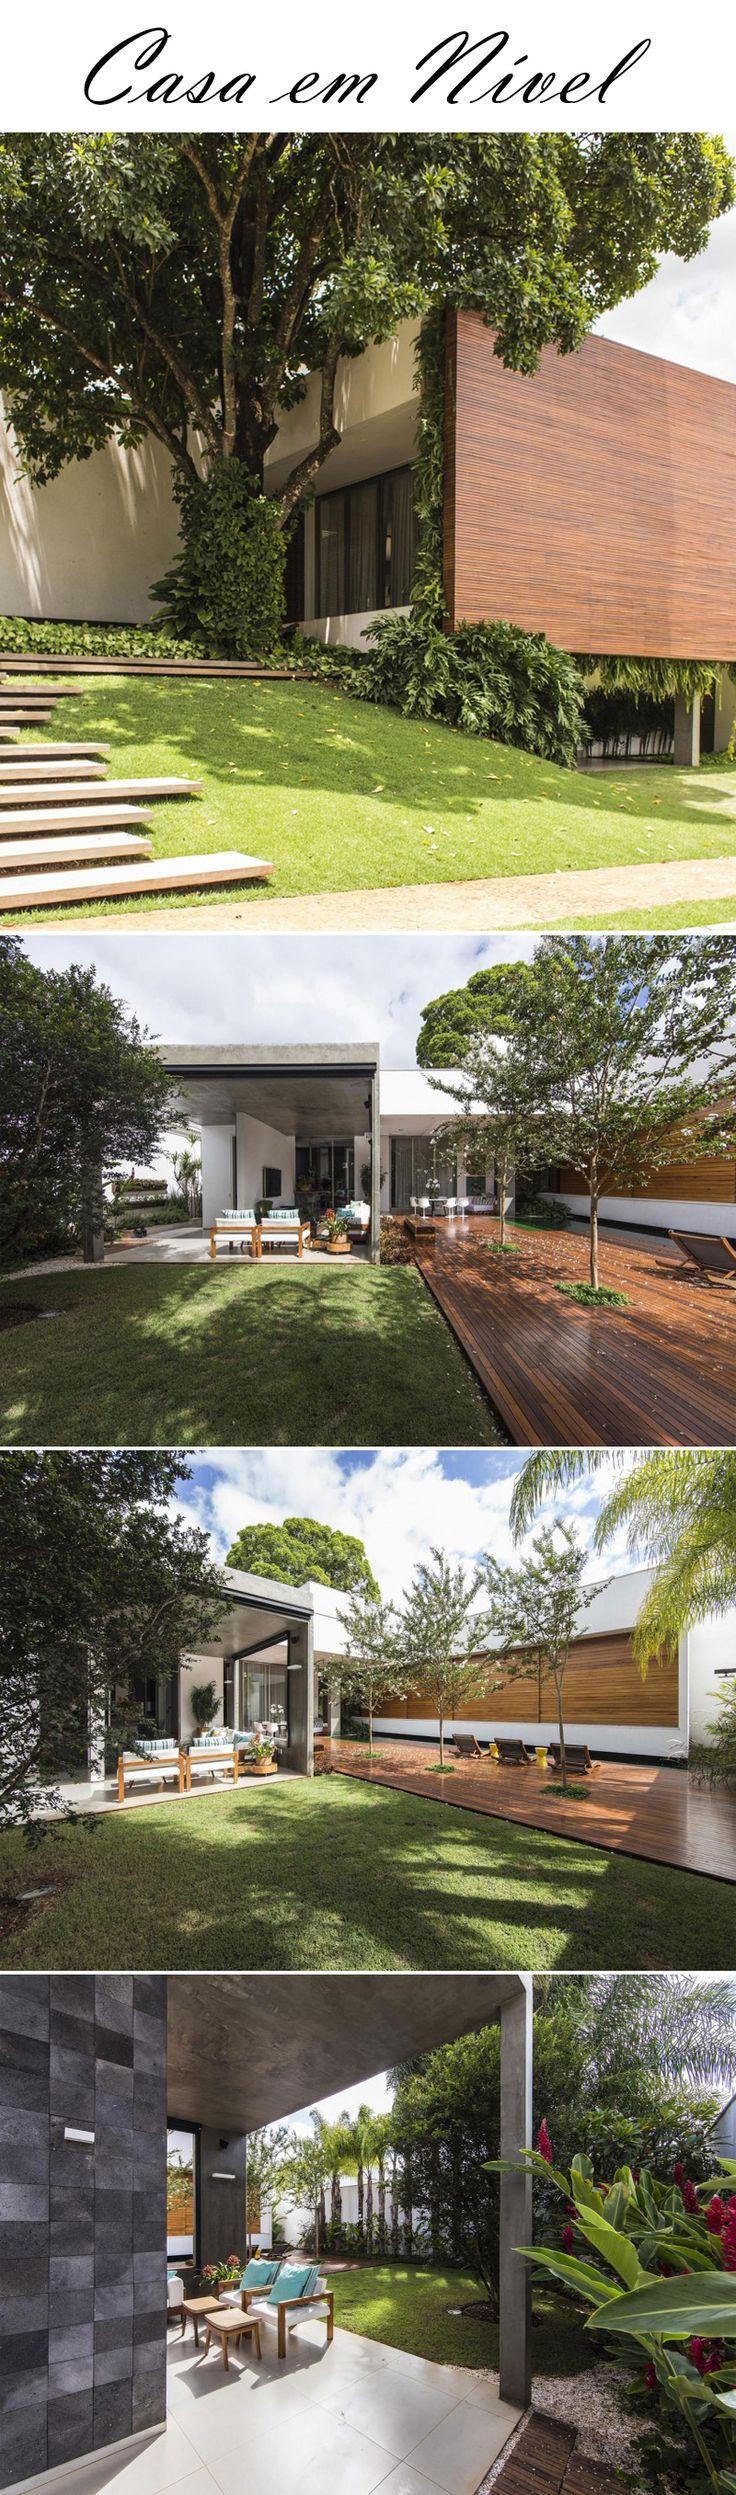 A casa projetada pelos arquitetos Felipe Bueno e Alexandre Buenos, foi construída em um terreno com um nível, com uma diferença de altura de quase 4 metros. A casa ficou com volumes.